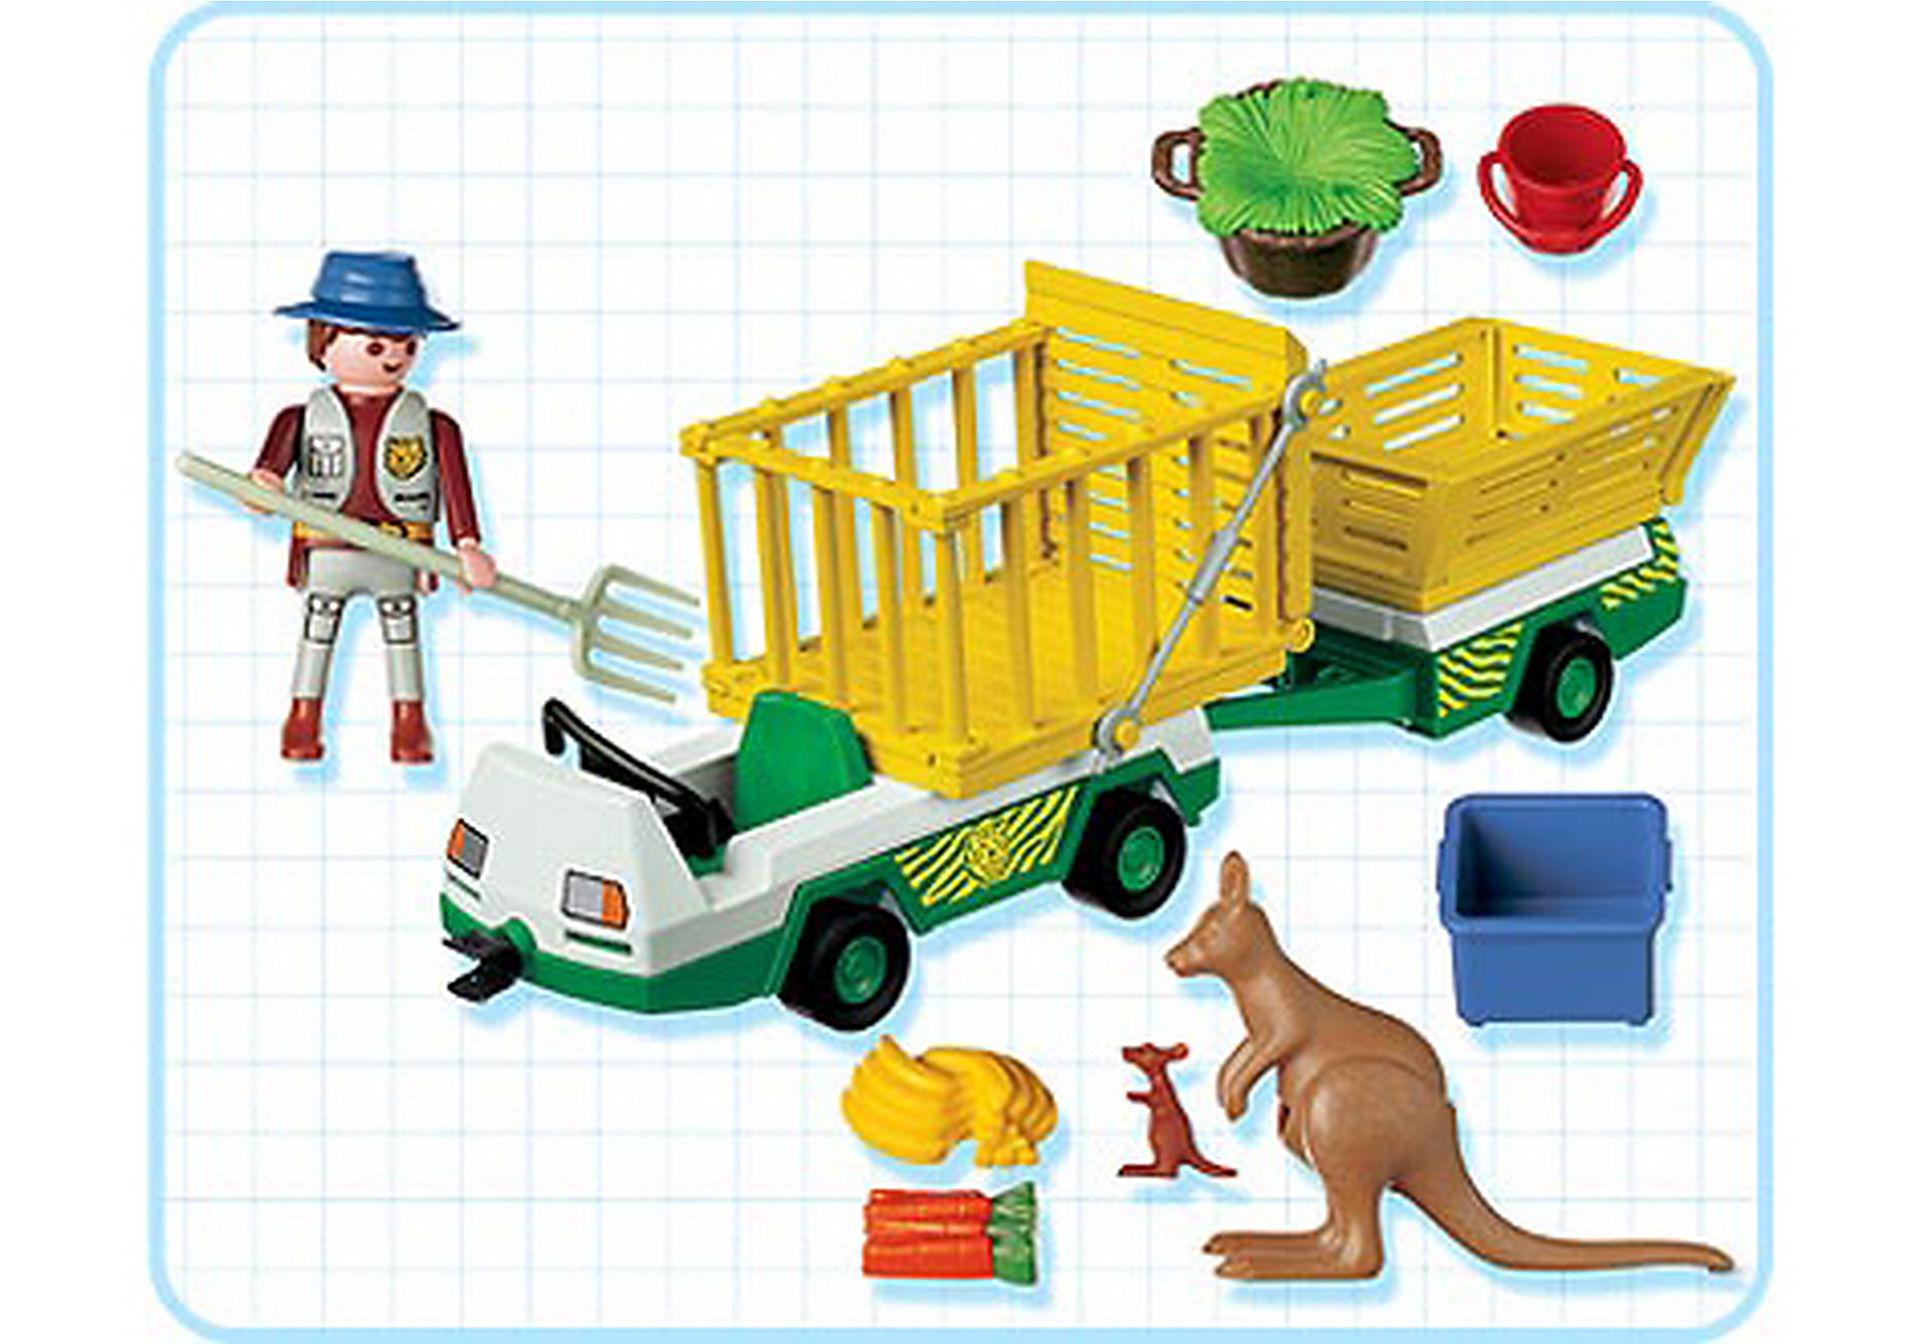 3242-C Gardien de zoo/vehicule d'entretien zoom image2